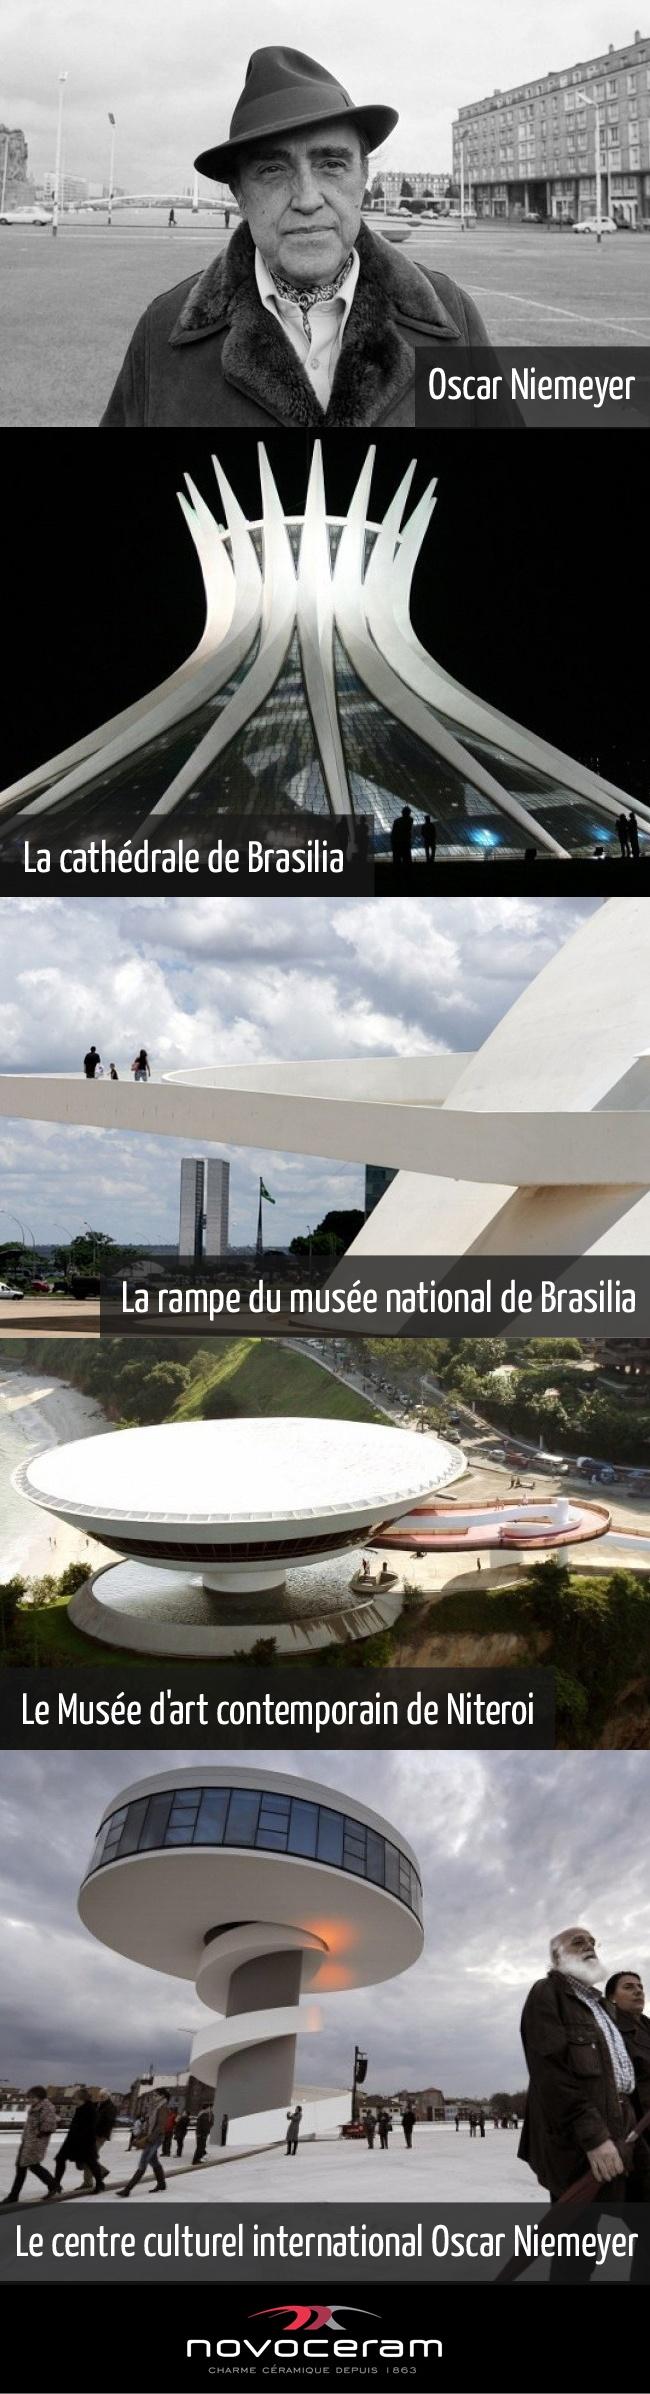 Hommage à l'architecte Oscar Niemeyer définit par Jean Nouvel comme « le dernier monstre sacré des architectes de la modernité du XXème siècle, le Matisse de l'architecture »